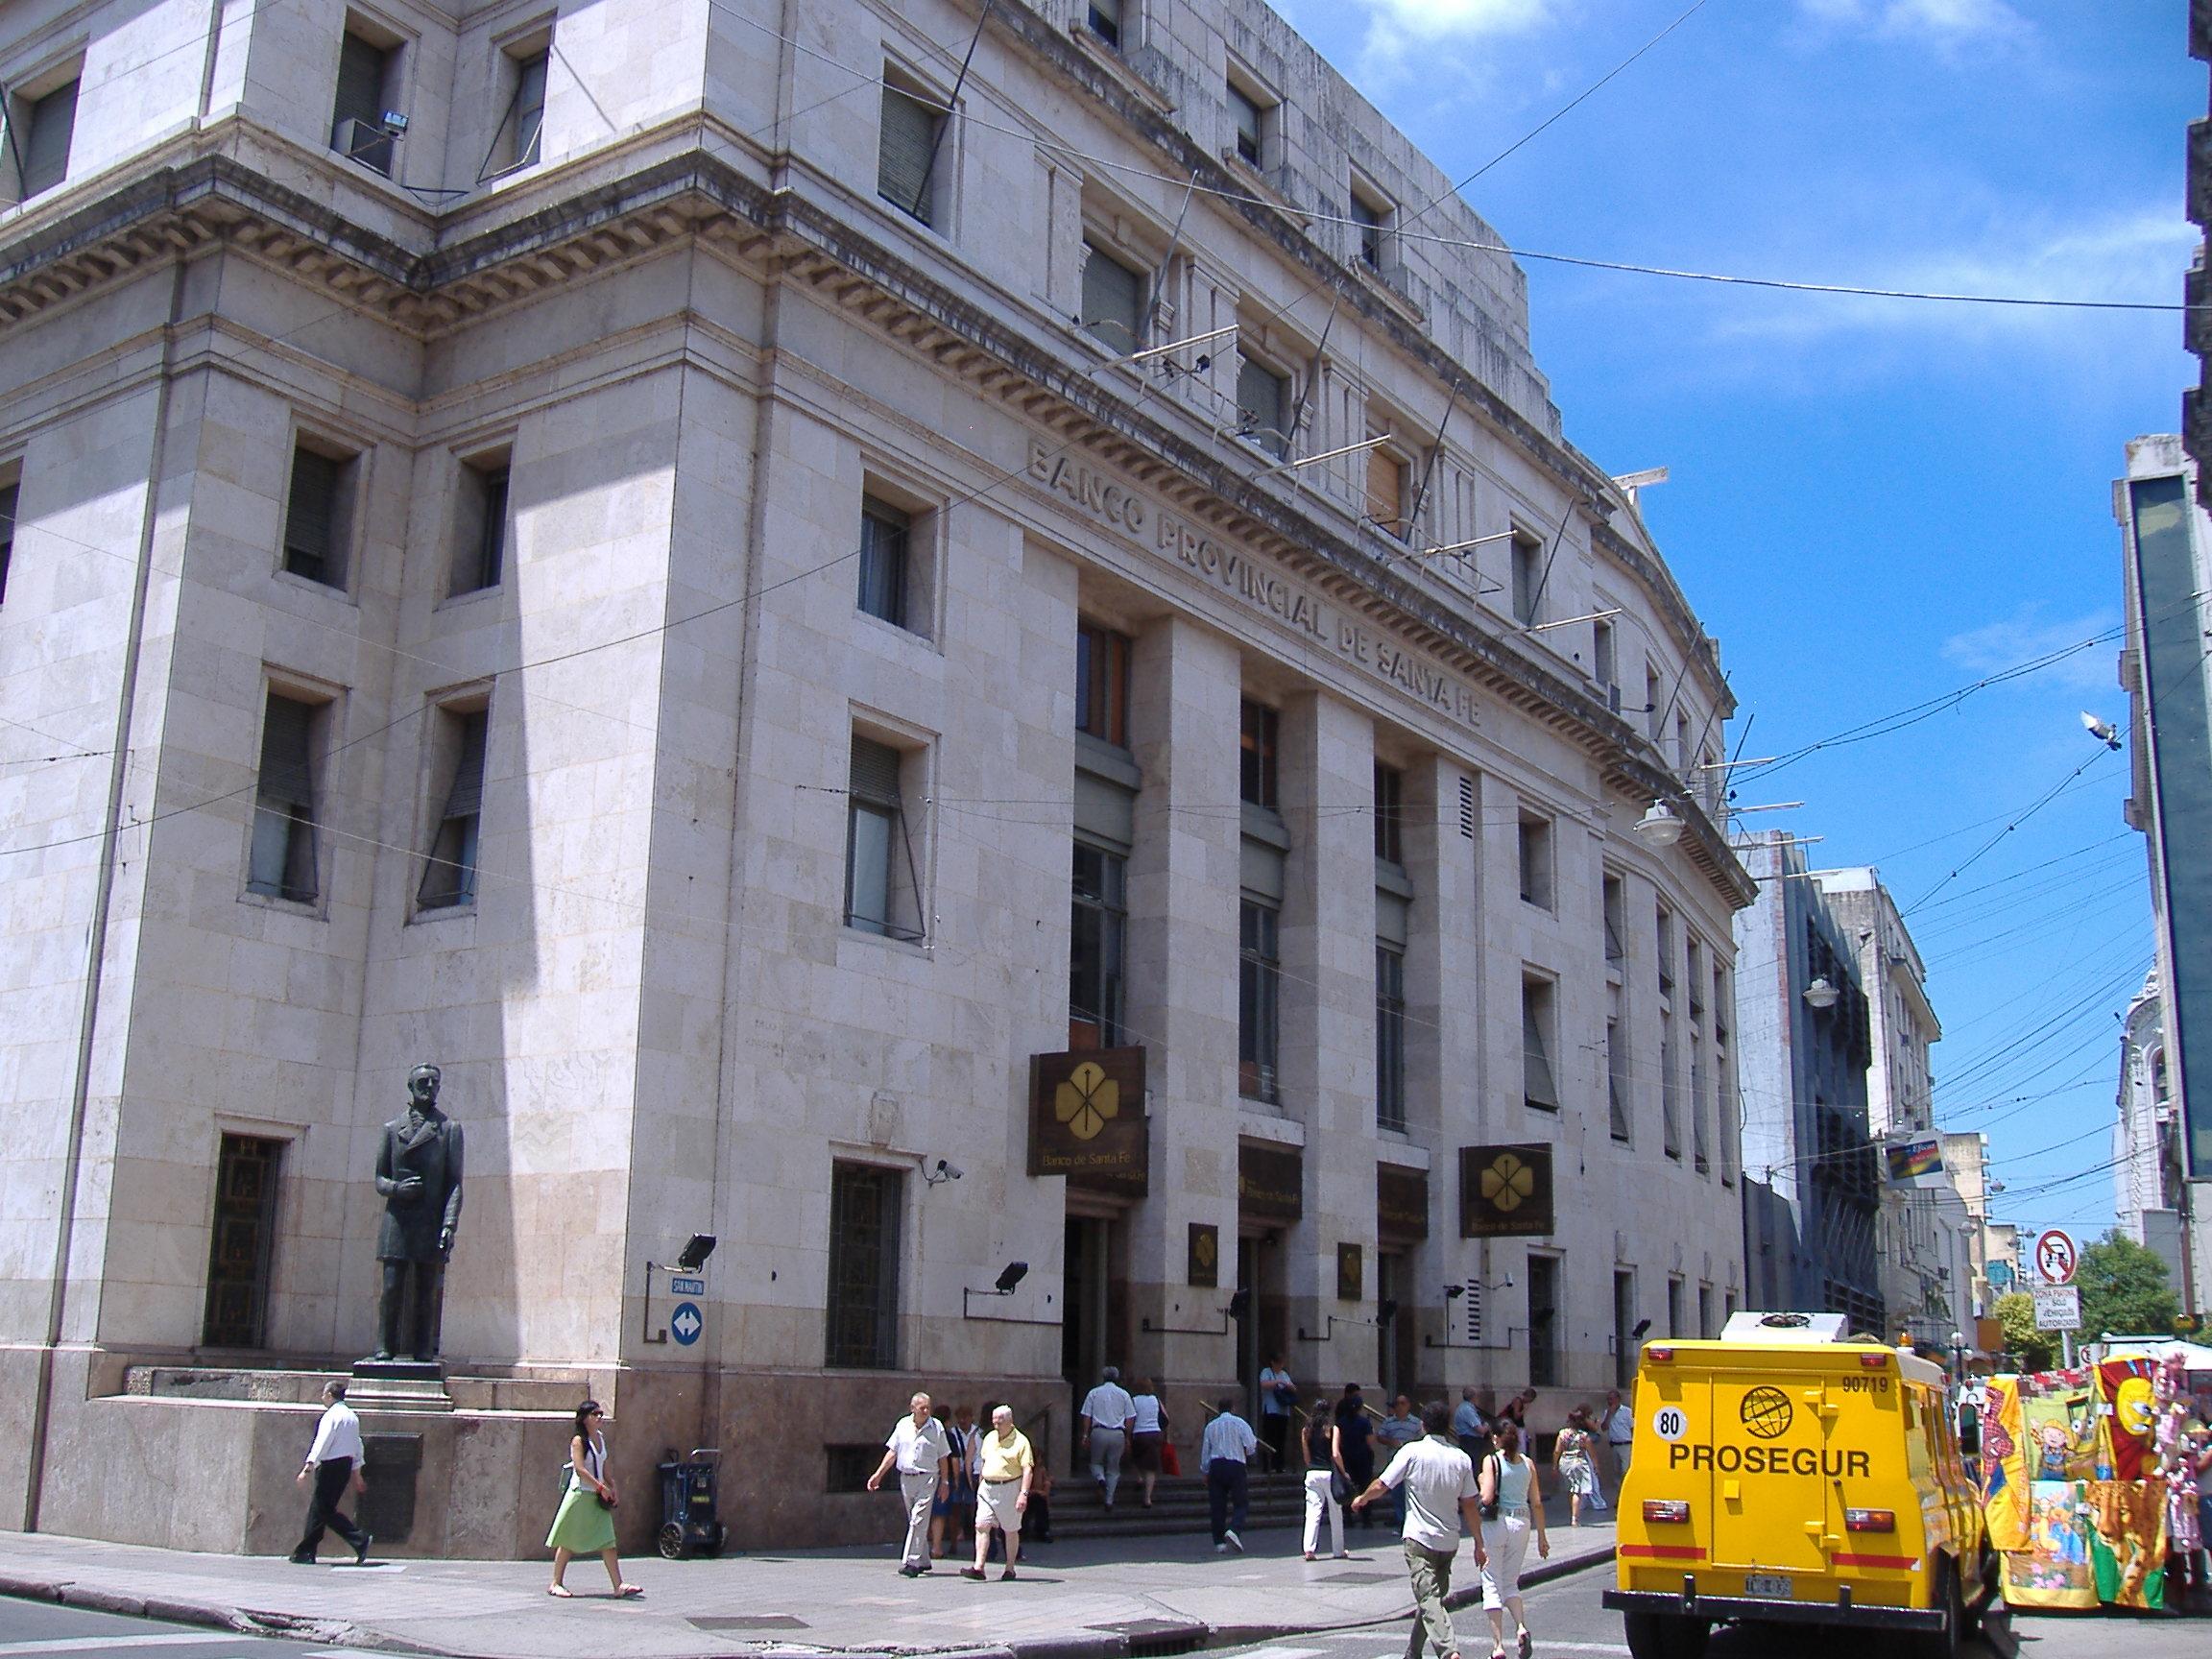 Nuevo Banco de Santa Fe - Wikipedia, la enciclopedia libre